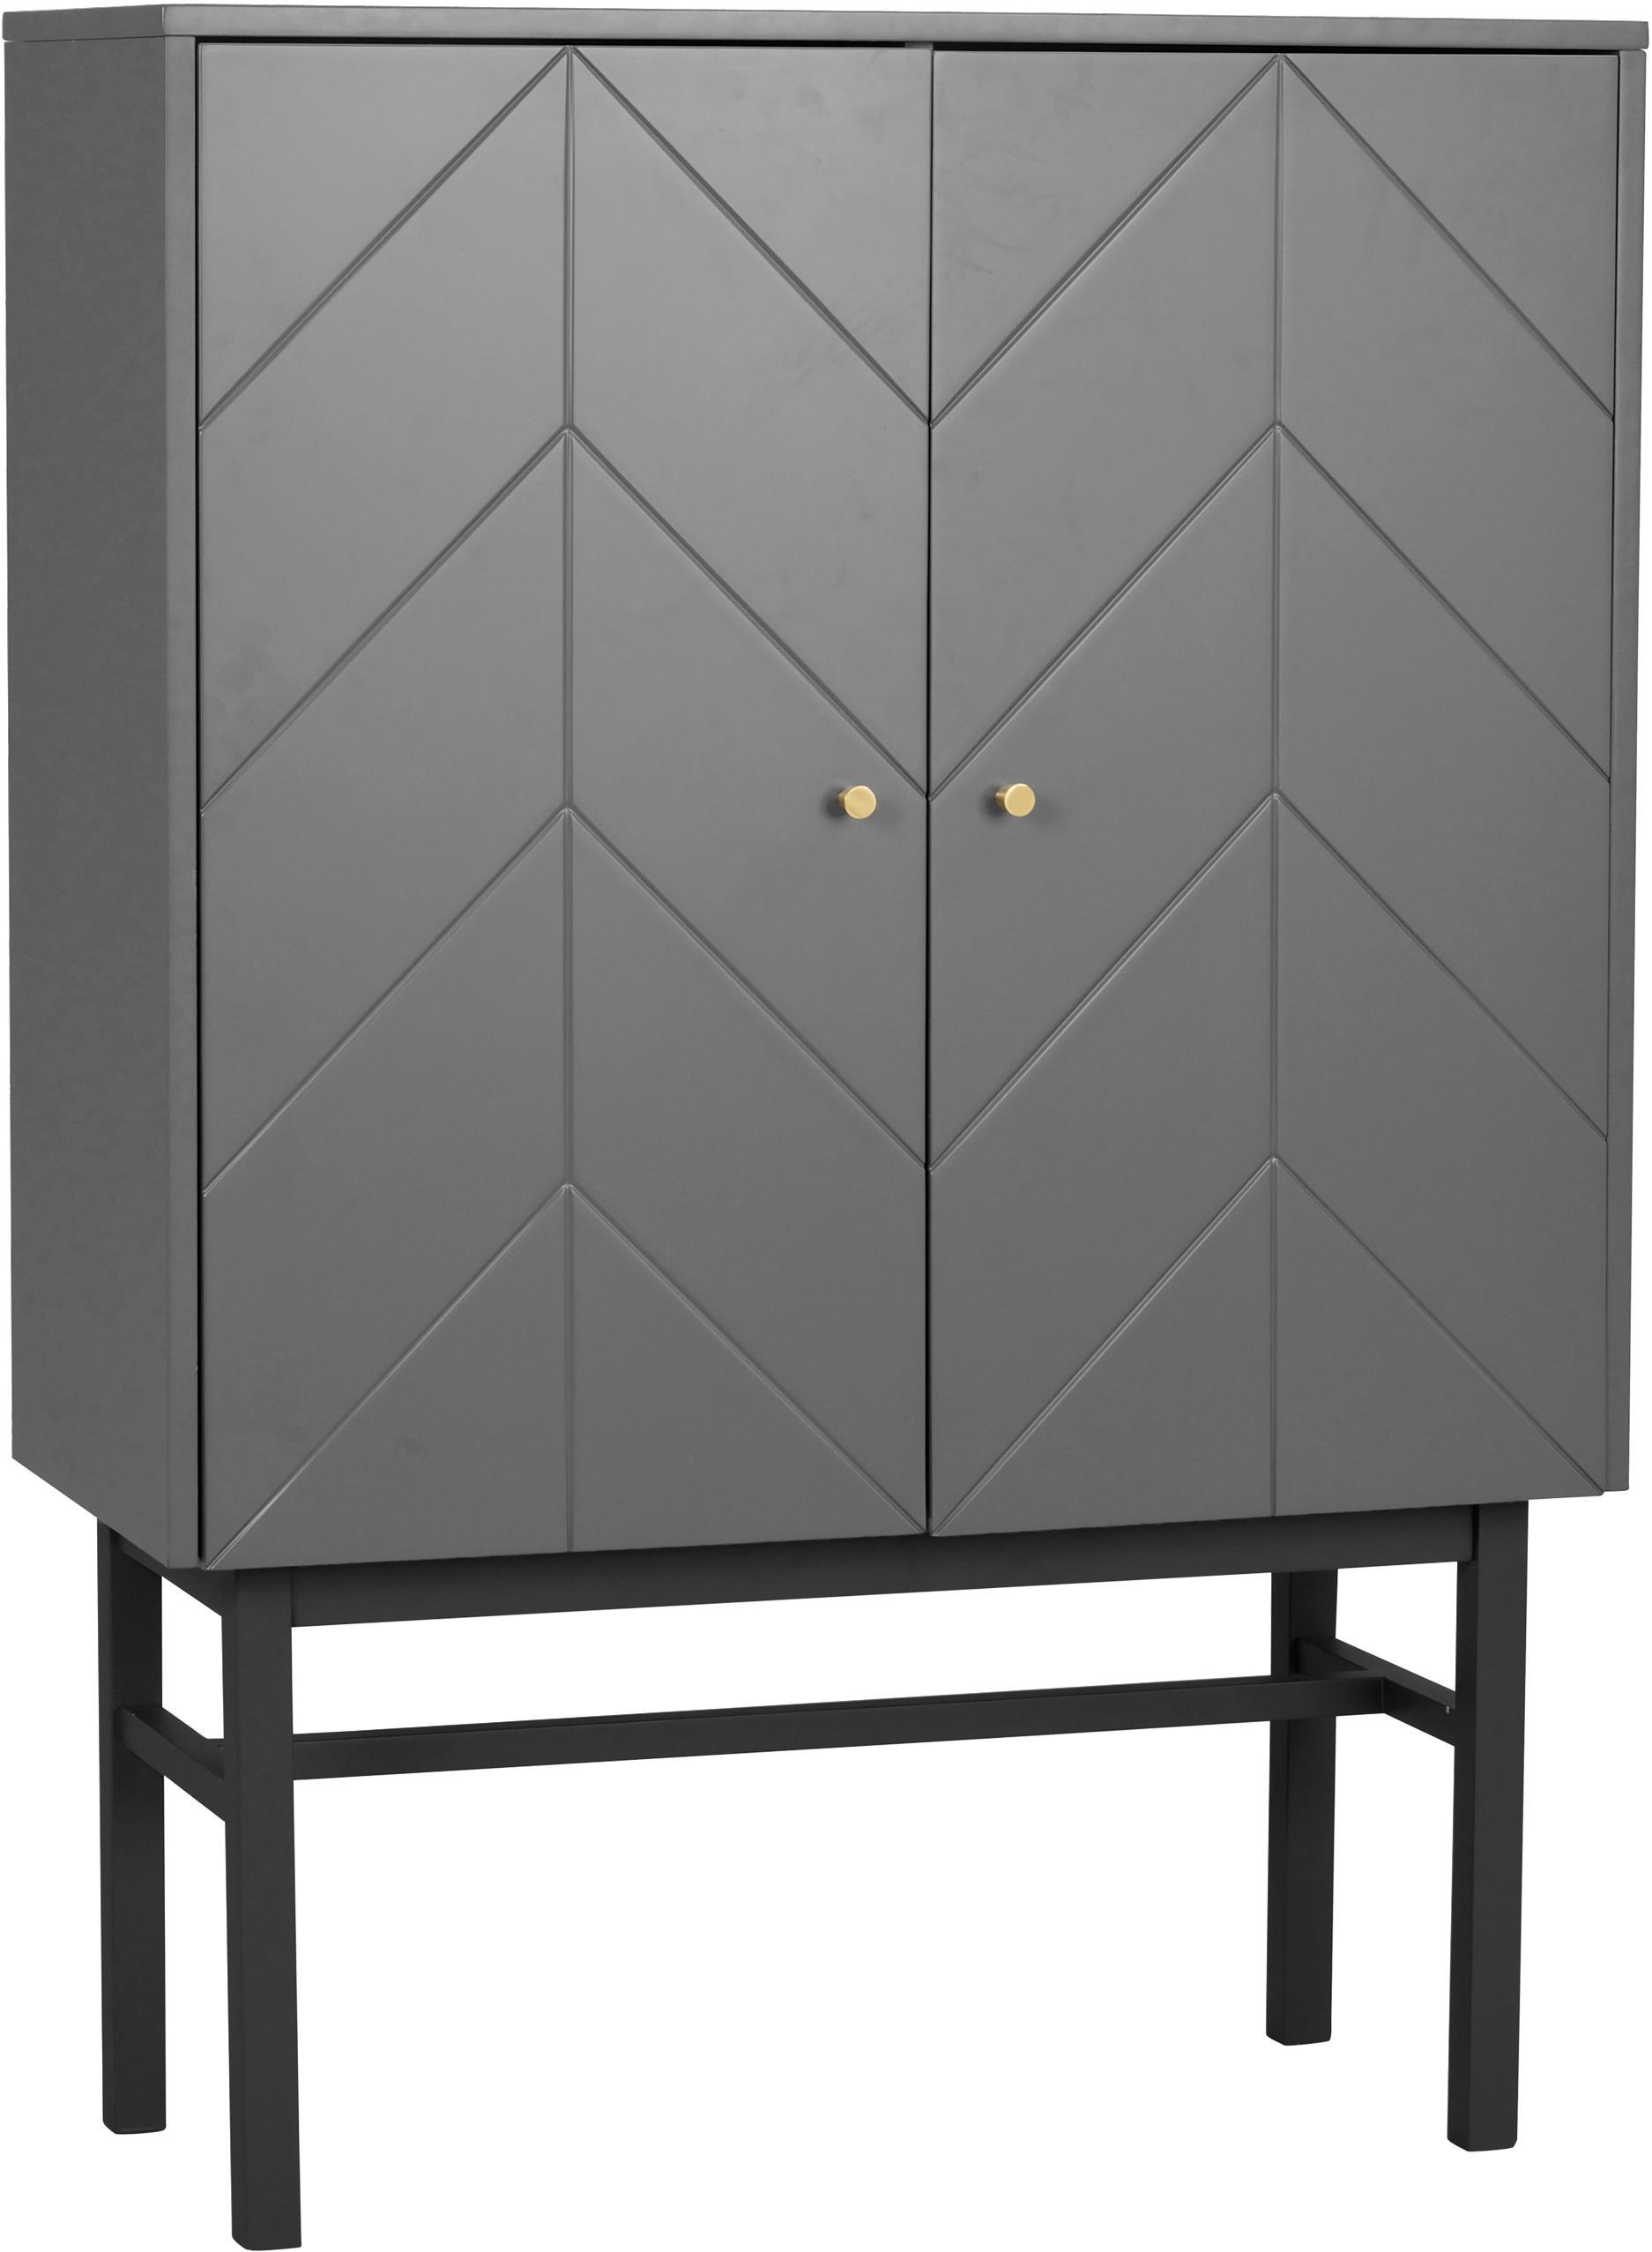 Dressoir Webster met 2 deuren, Frame: MDF, Poten: massief rubberhout, Grijs, antraciet, 94 x 135 cm